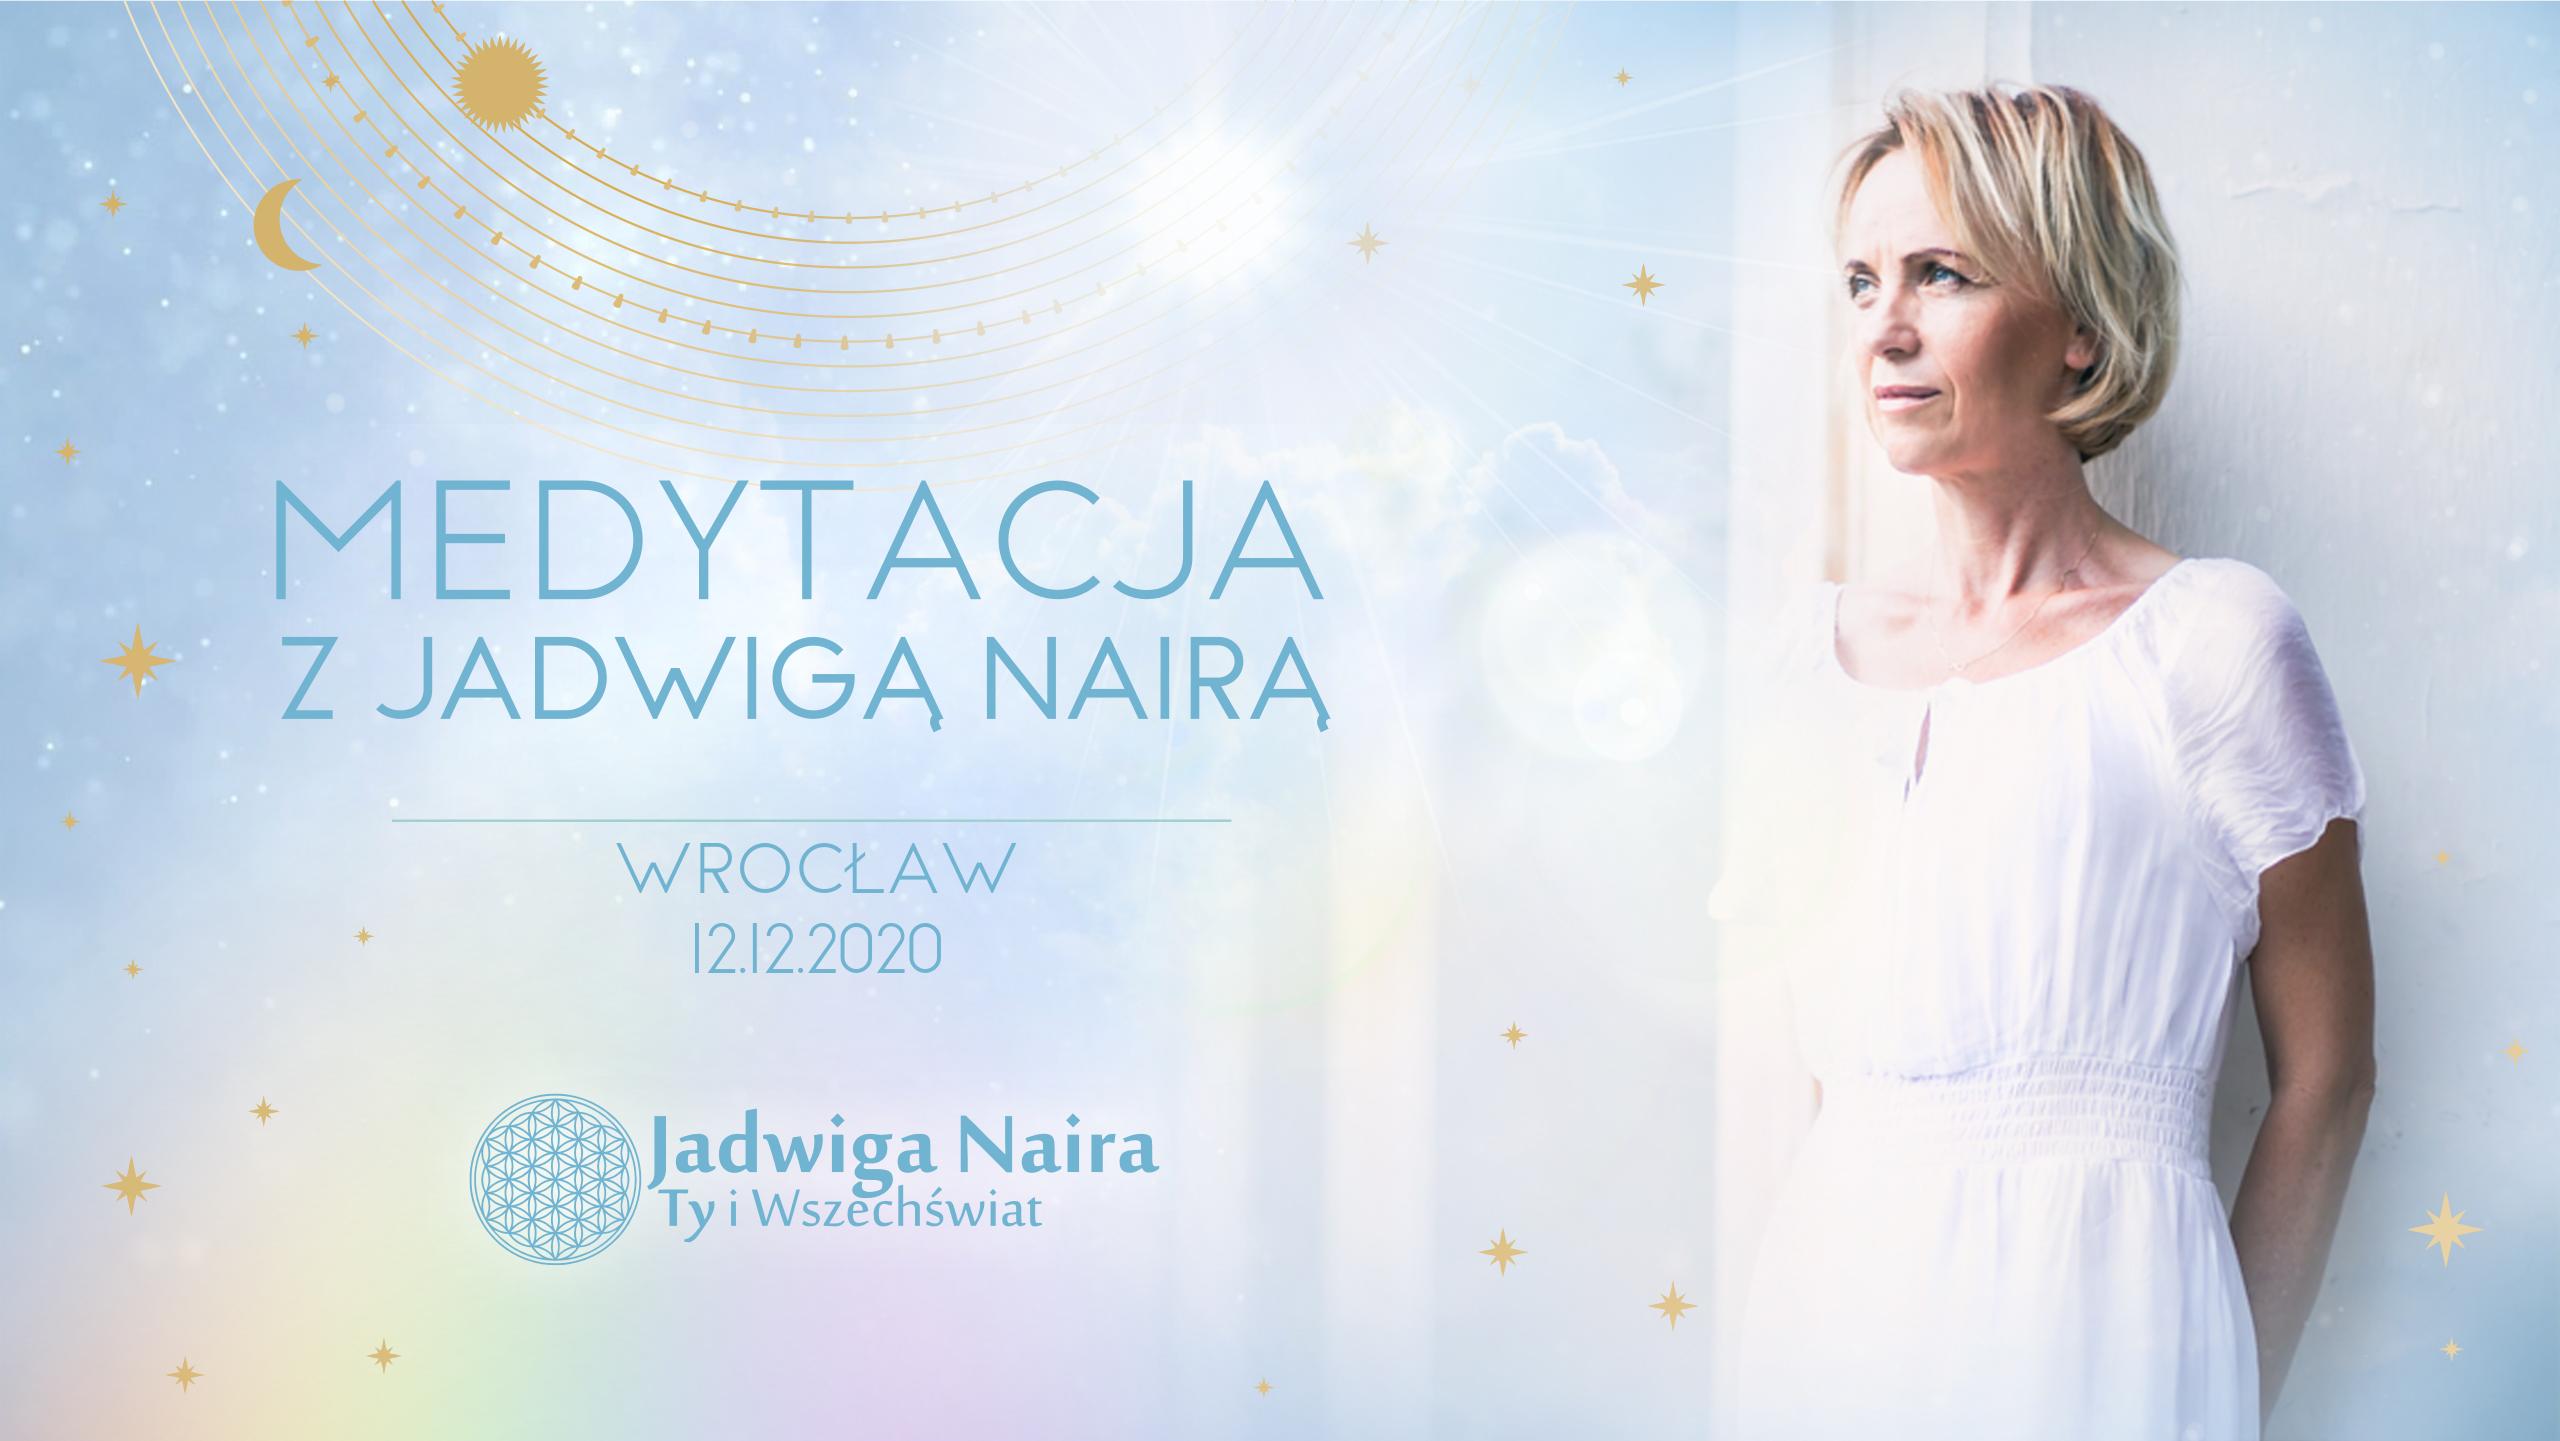 Medytacja z Jadwigą Nairą / Wrocław